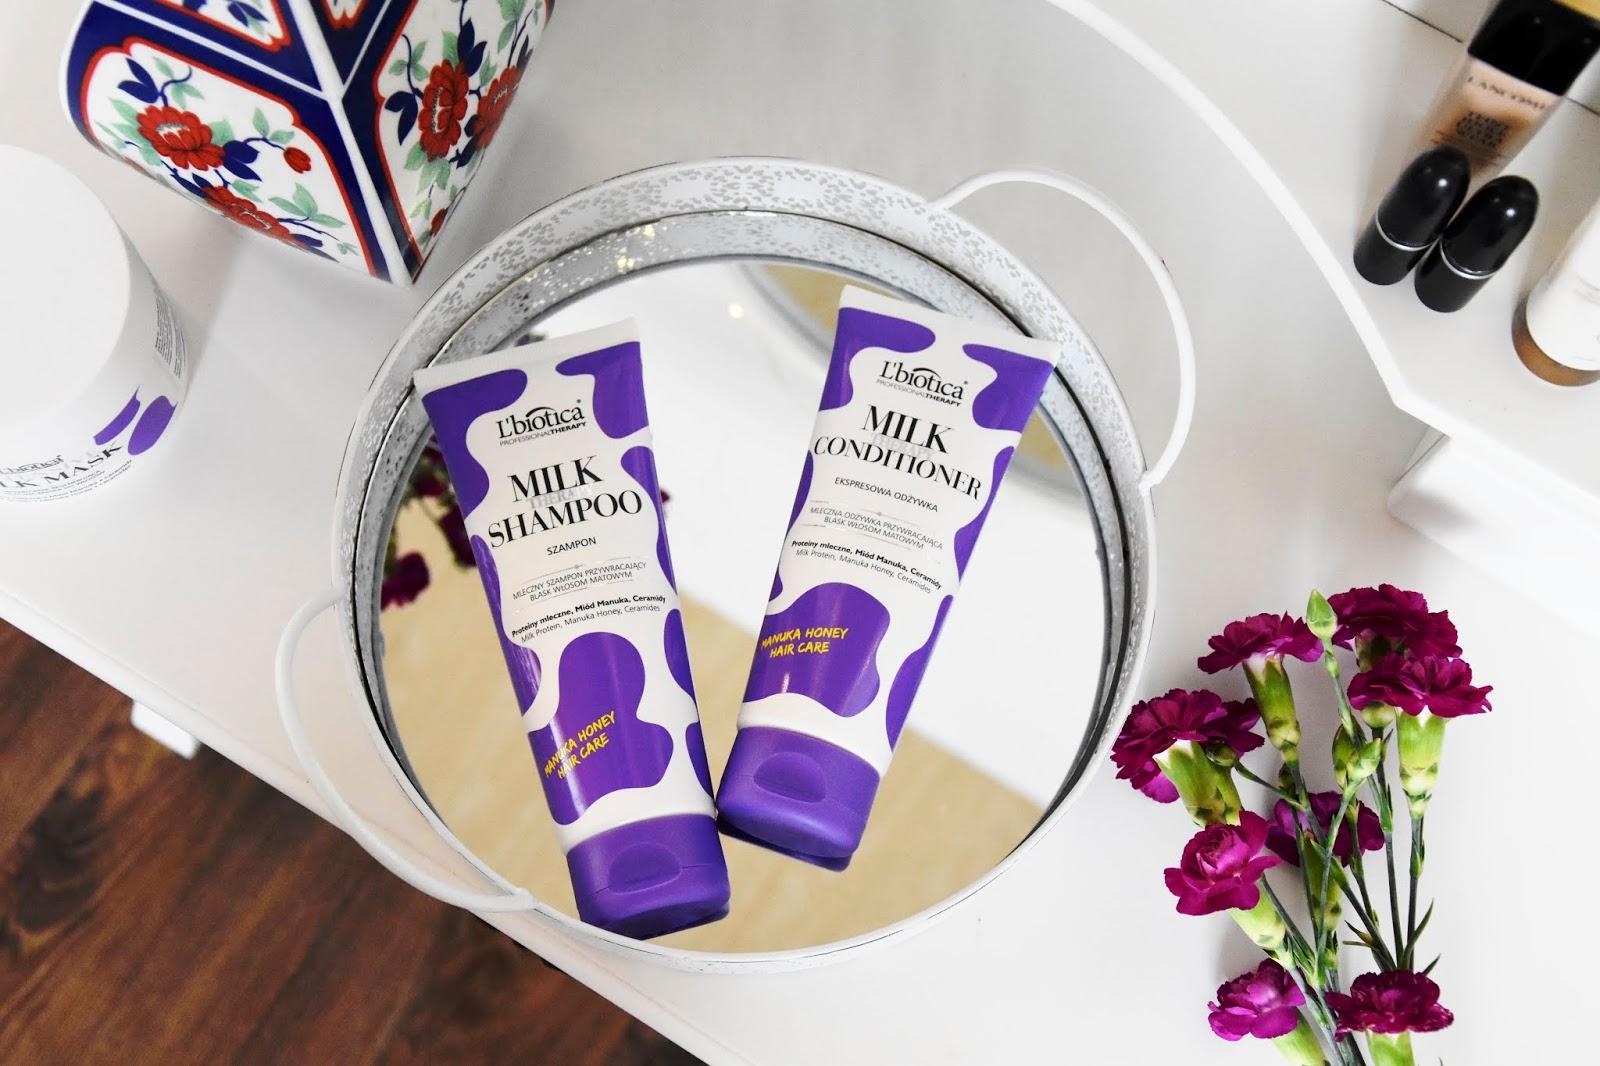 l'biotica milk therapy szampon maska odżywka